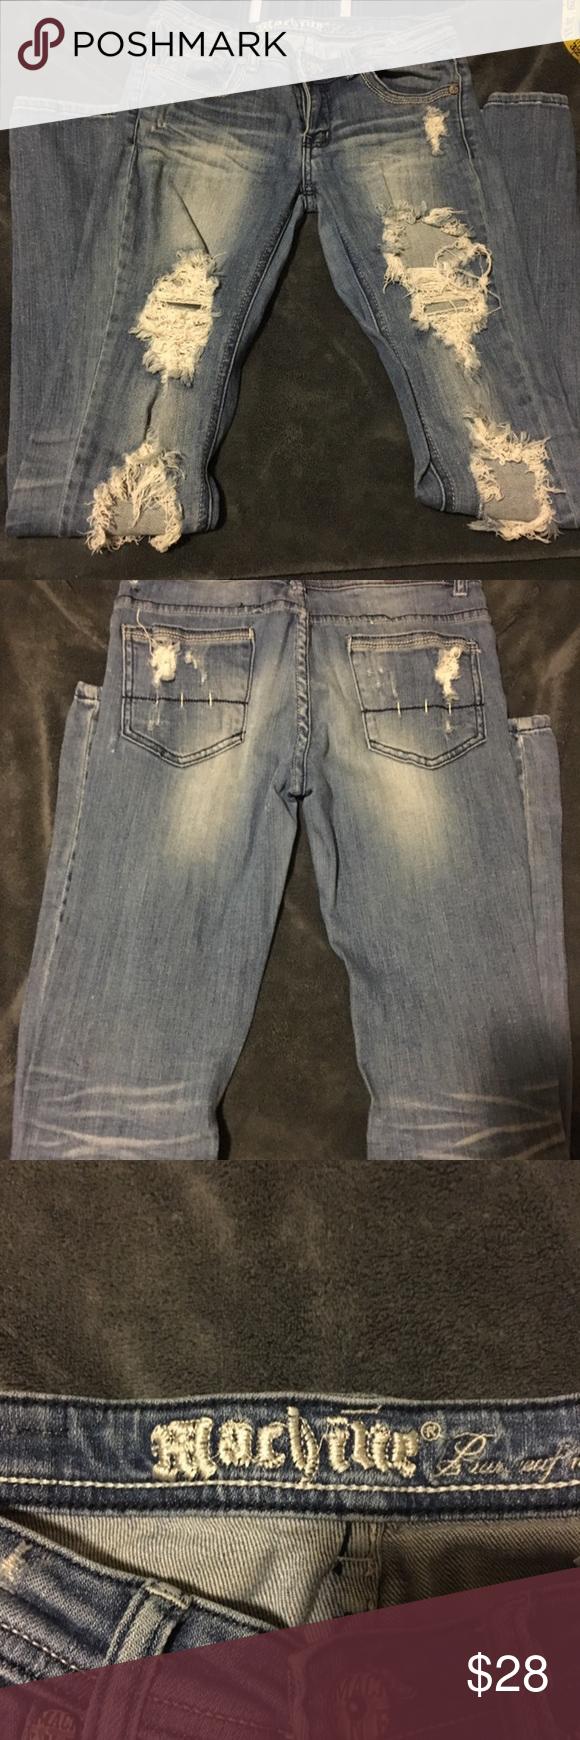 """Super distressed machine jeans Super distressed machine jeans. Darker blue color. 32"""" inseam Jeans Skinny"""